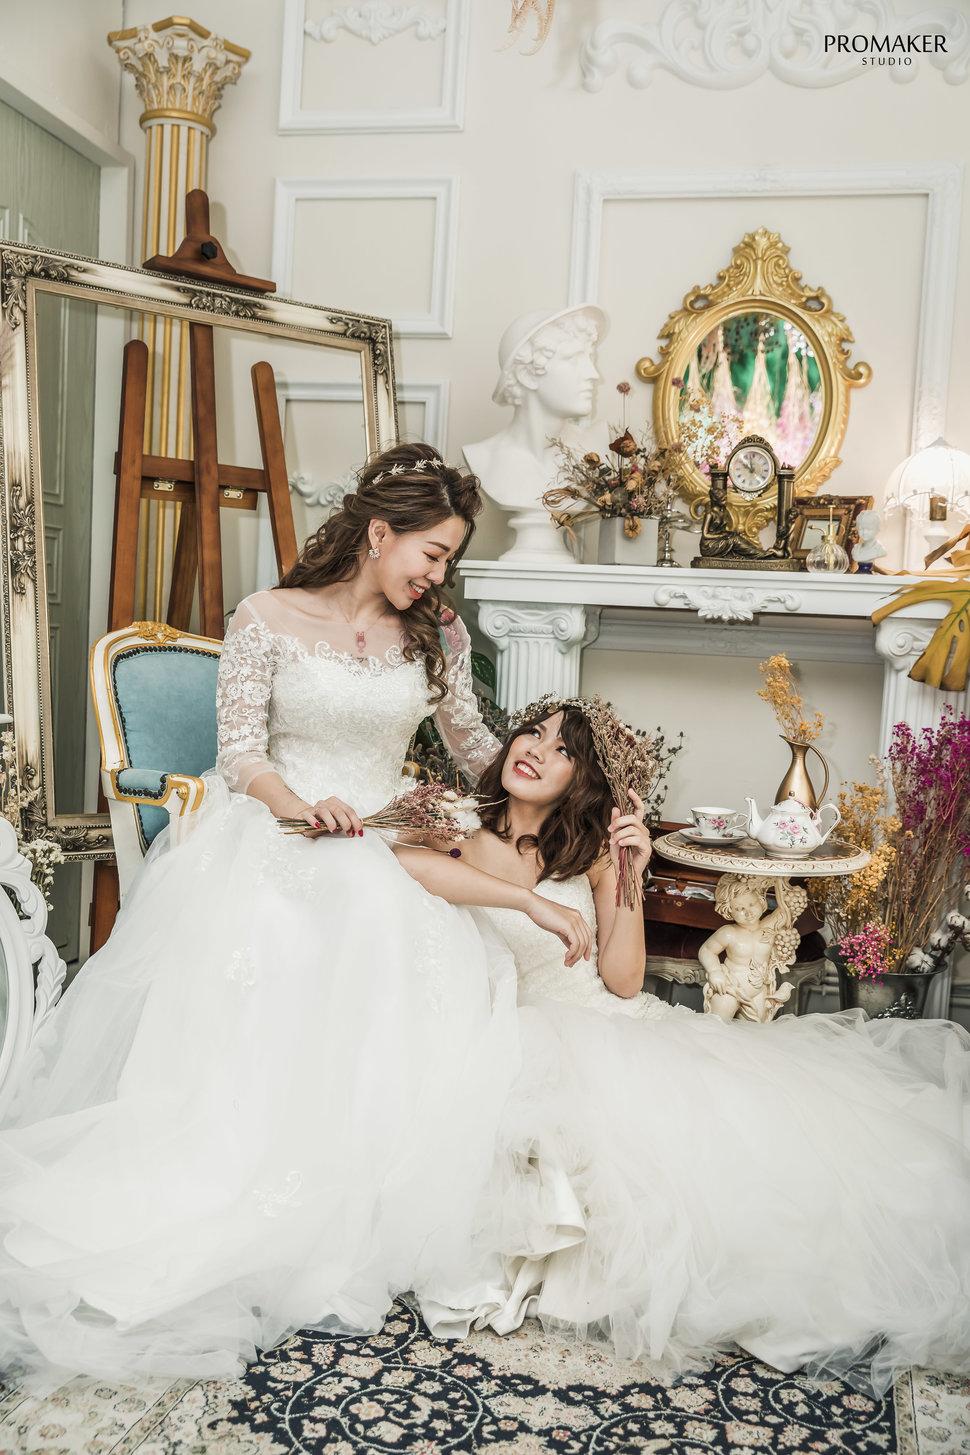 P01_1008 - Promaker婚禮紀錄攝影團隊婚攝豪哥《結婚吧》